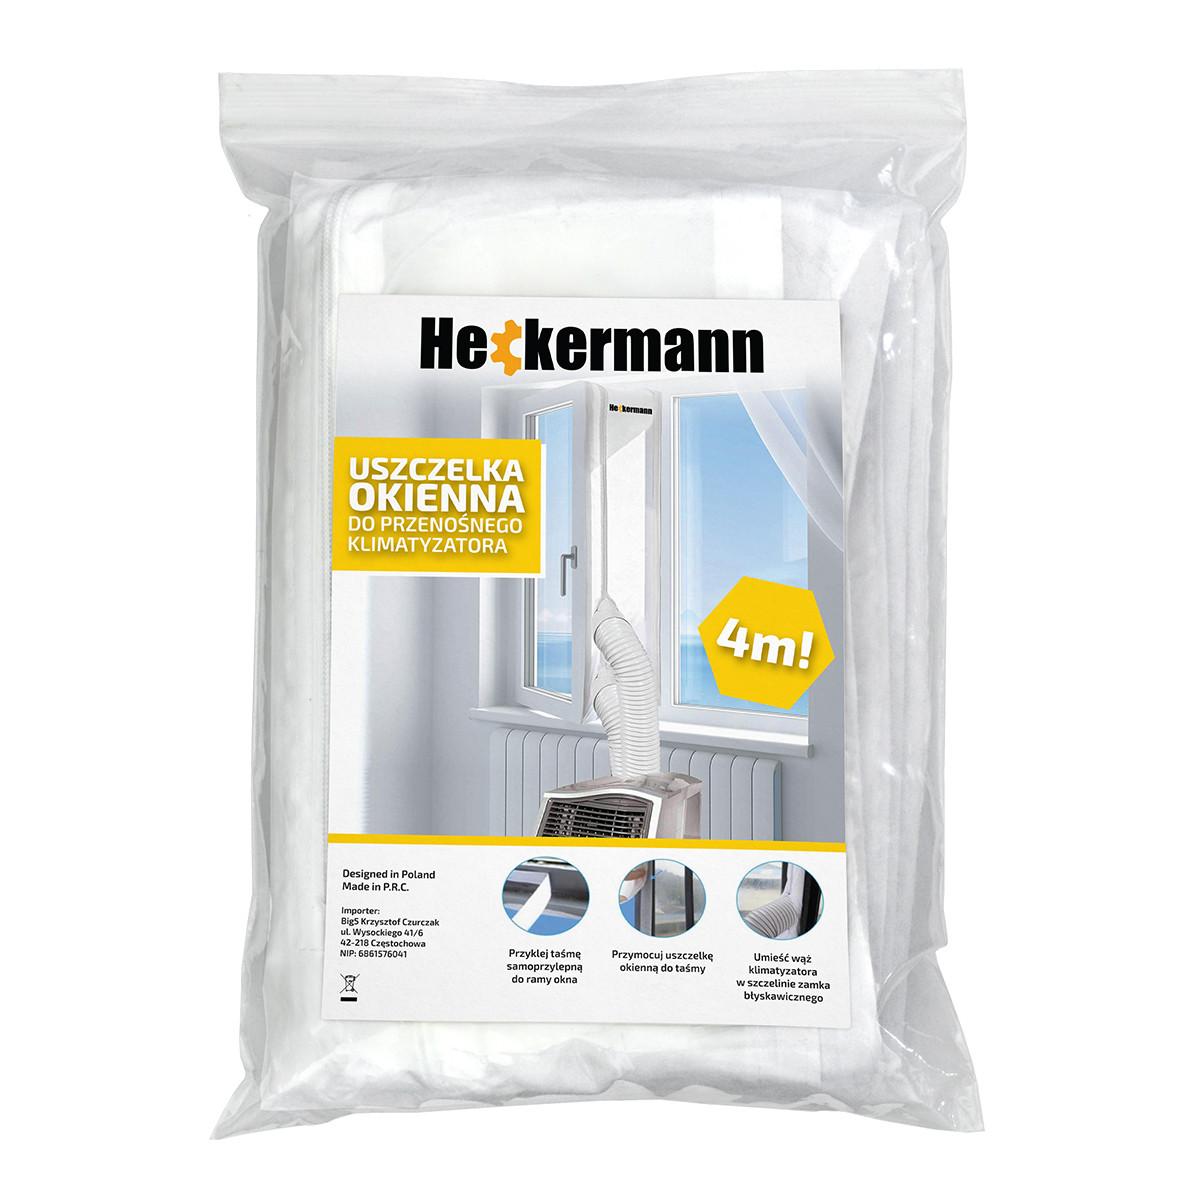 Uszczelka okienna, klimatyzator, napis Heckermann